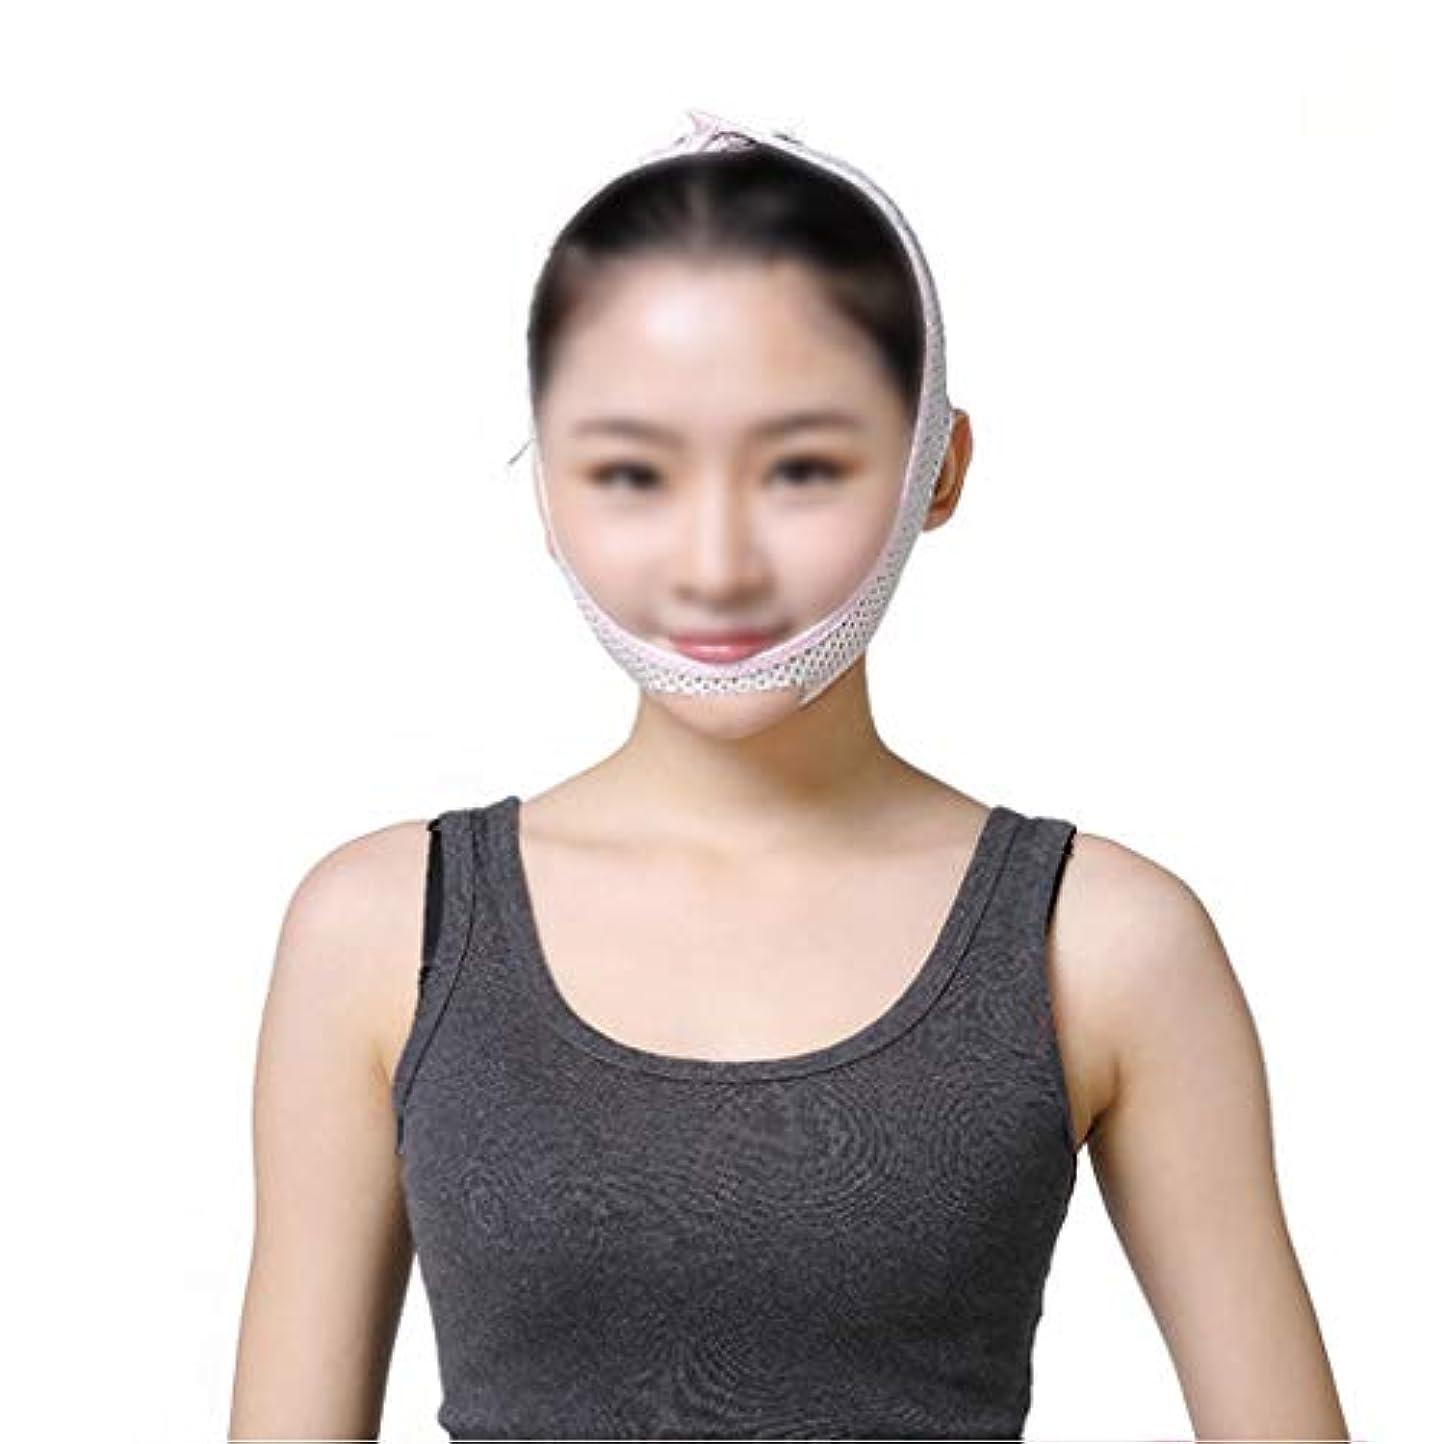 副ドーム取り消すGLJJQMY 薄い顔のマスク快適な 引き締め肌の引き締め睡眠薄い顔のアーティファクト抗しわ除去二重あご術後回復マスク 顔用整形マスク